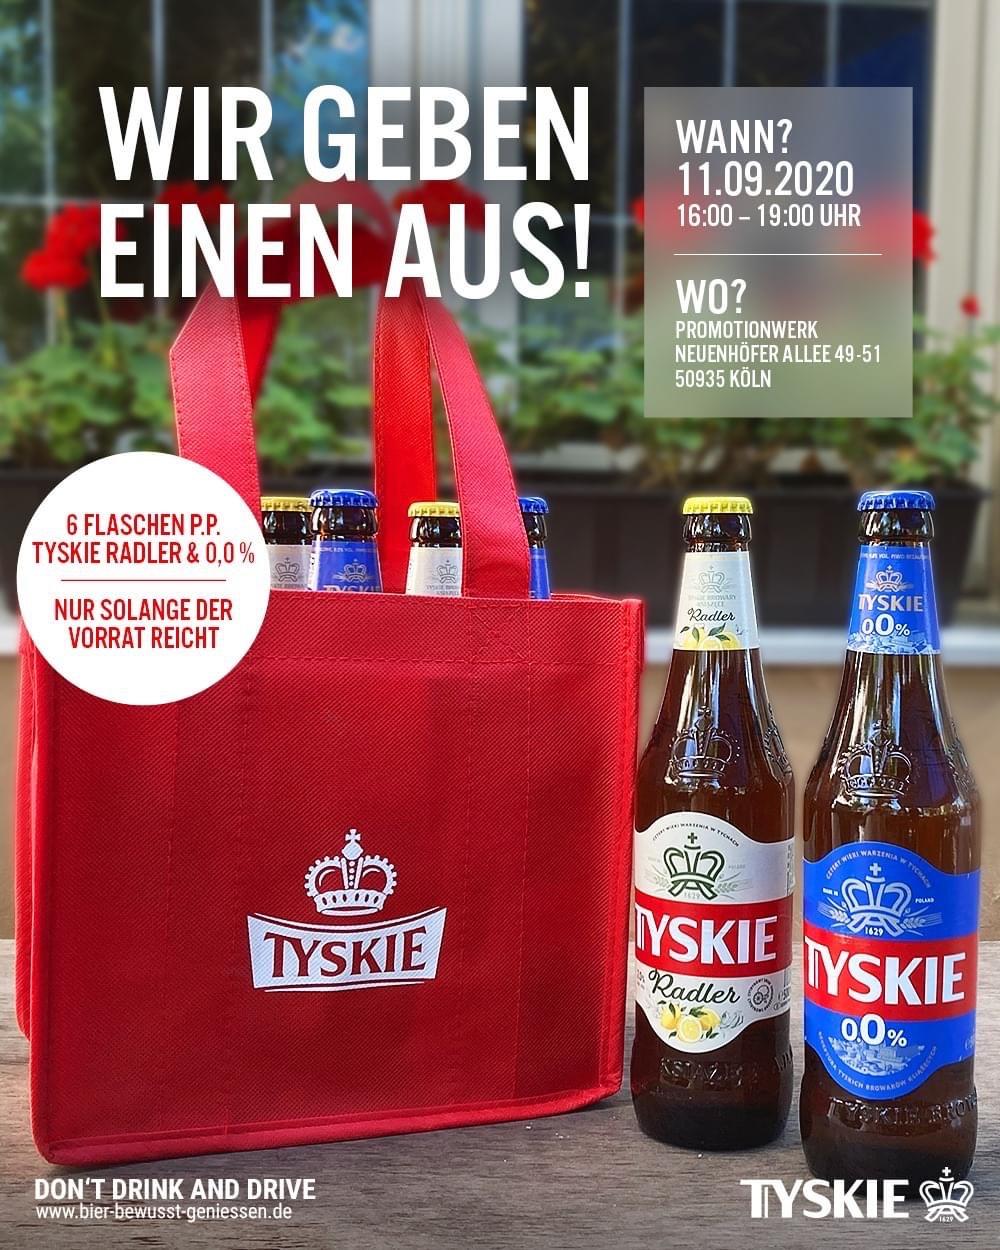 [Freebie] Tyskie 6 Flaschen Radler oder 0.0 in Köln am 11.9